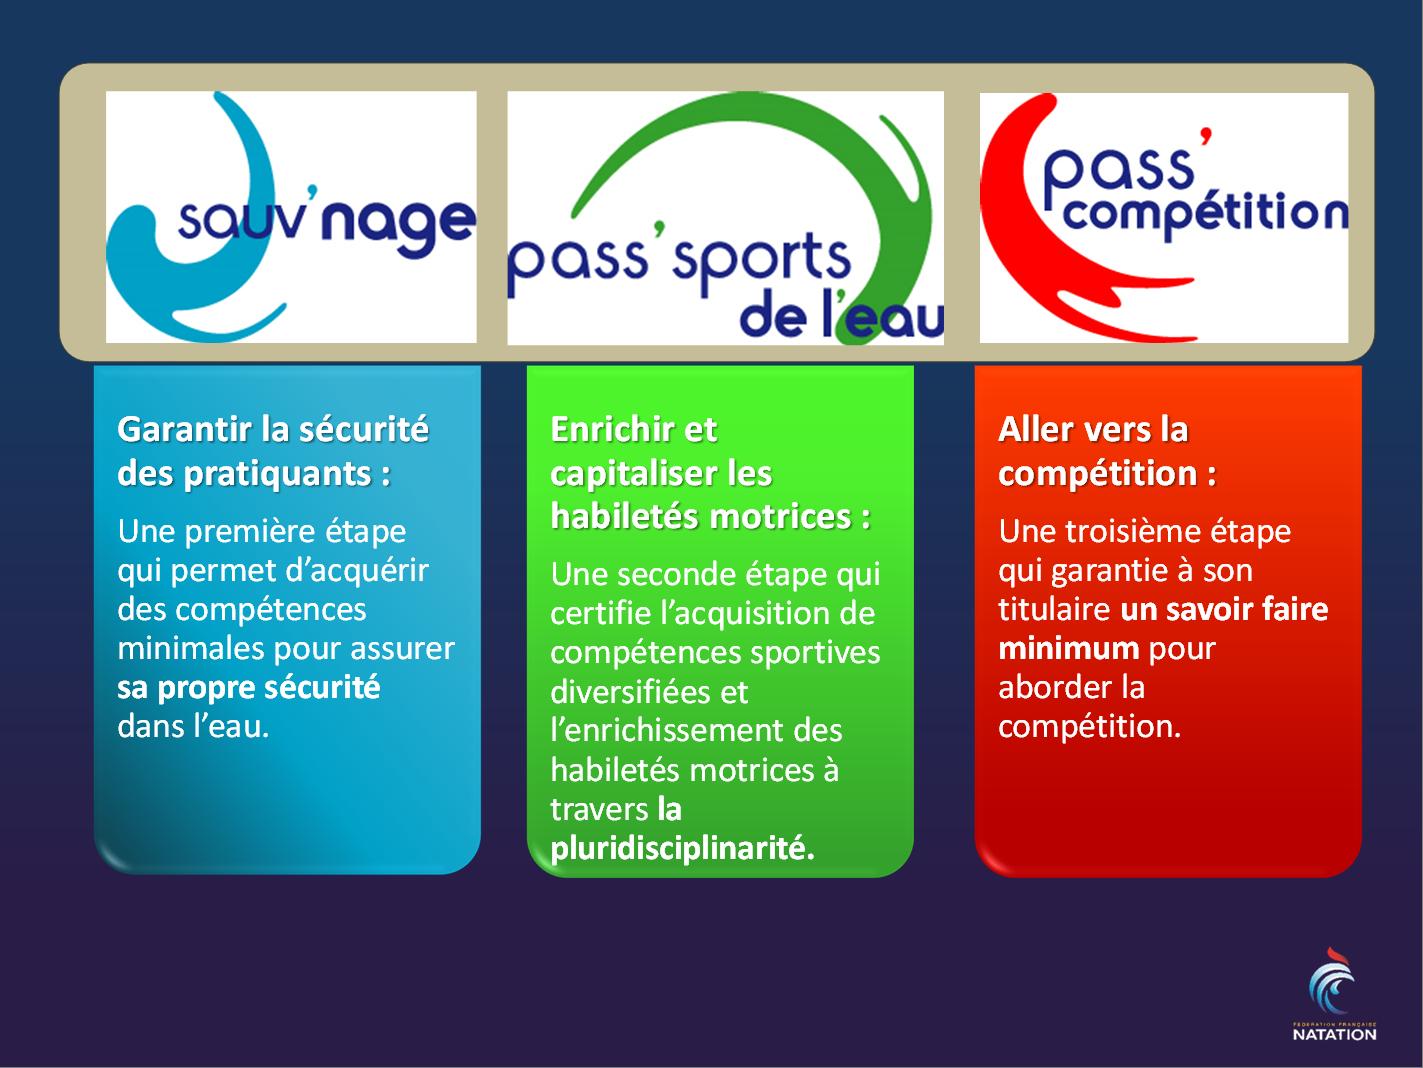 ESPADON NAGE CLUB - Ecole de Natation Française (ENF) // Propulsé par  Abcnatation